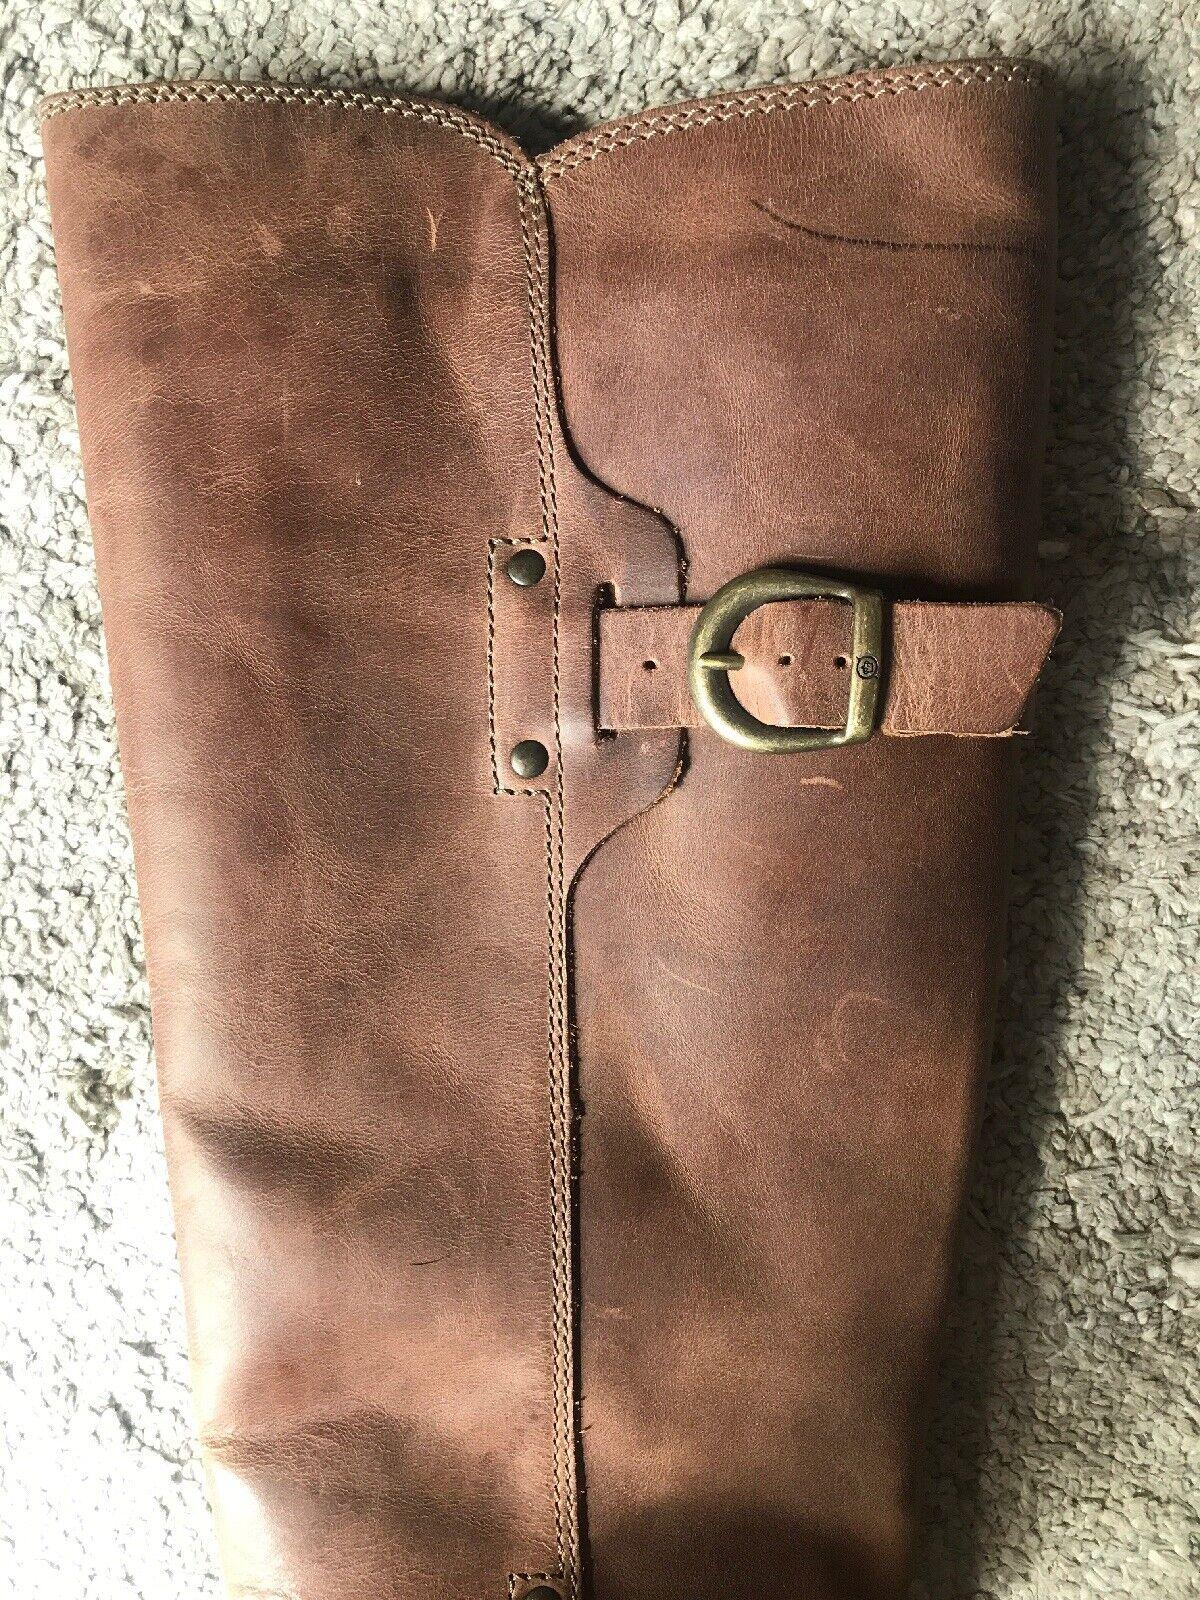 BORN Mercado Mercado Mercado Knee High Boot Light Brown Size 6 New in Box  200 15f340